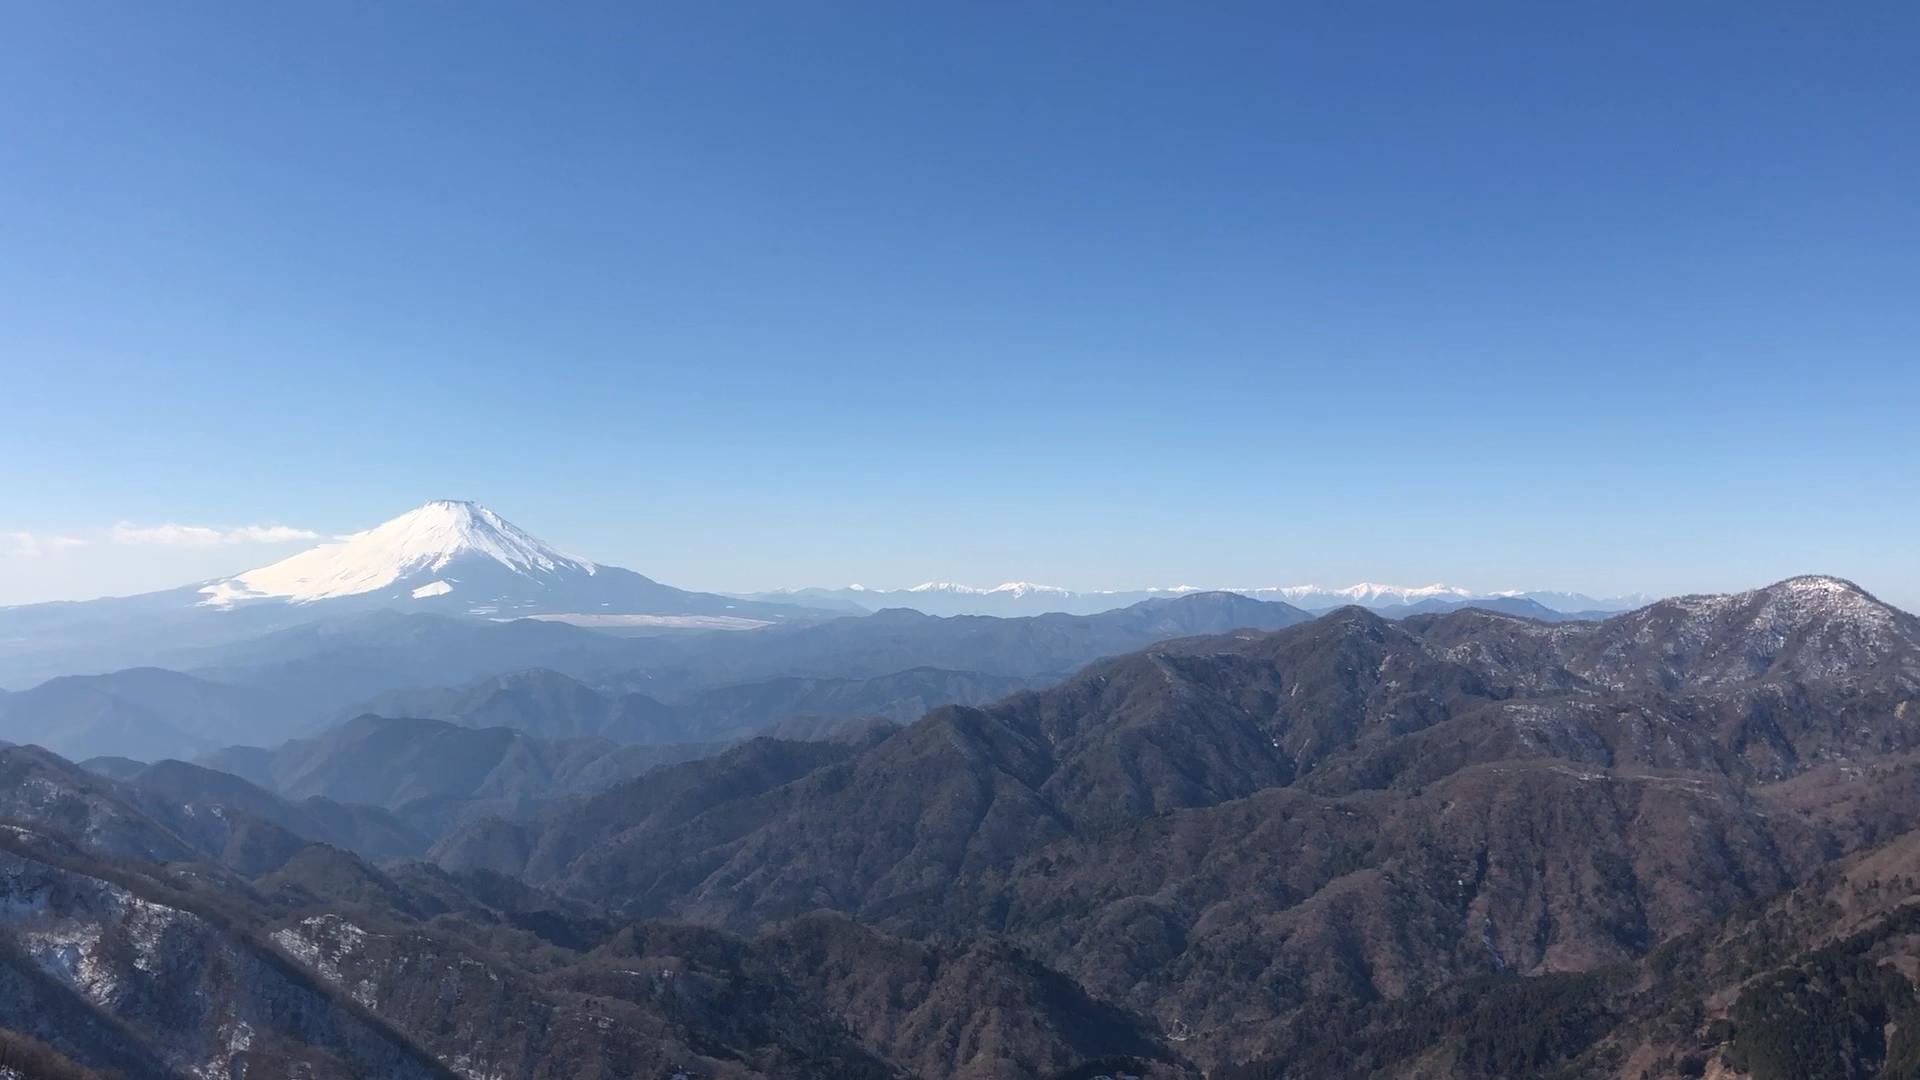 遠方には南アルプスの山々